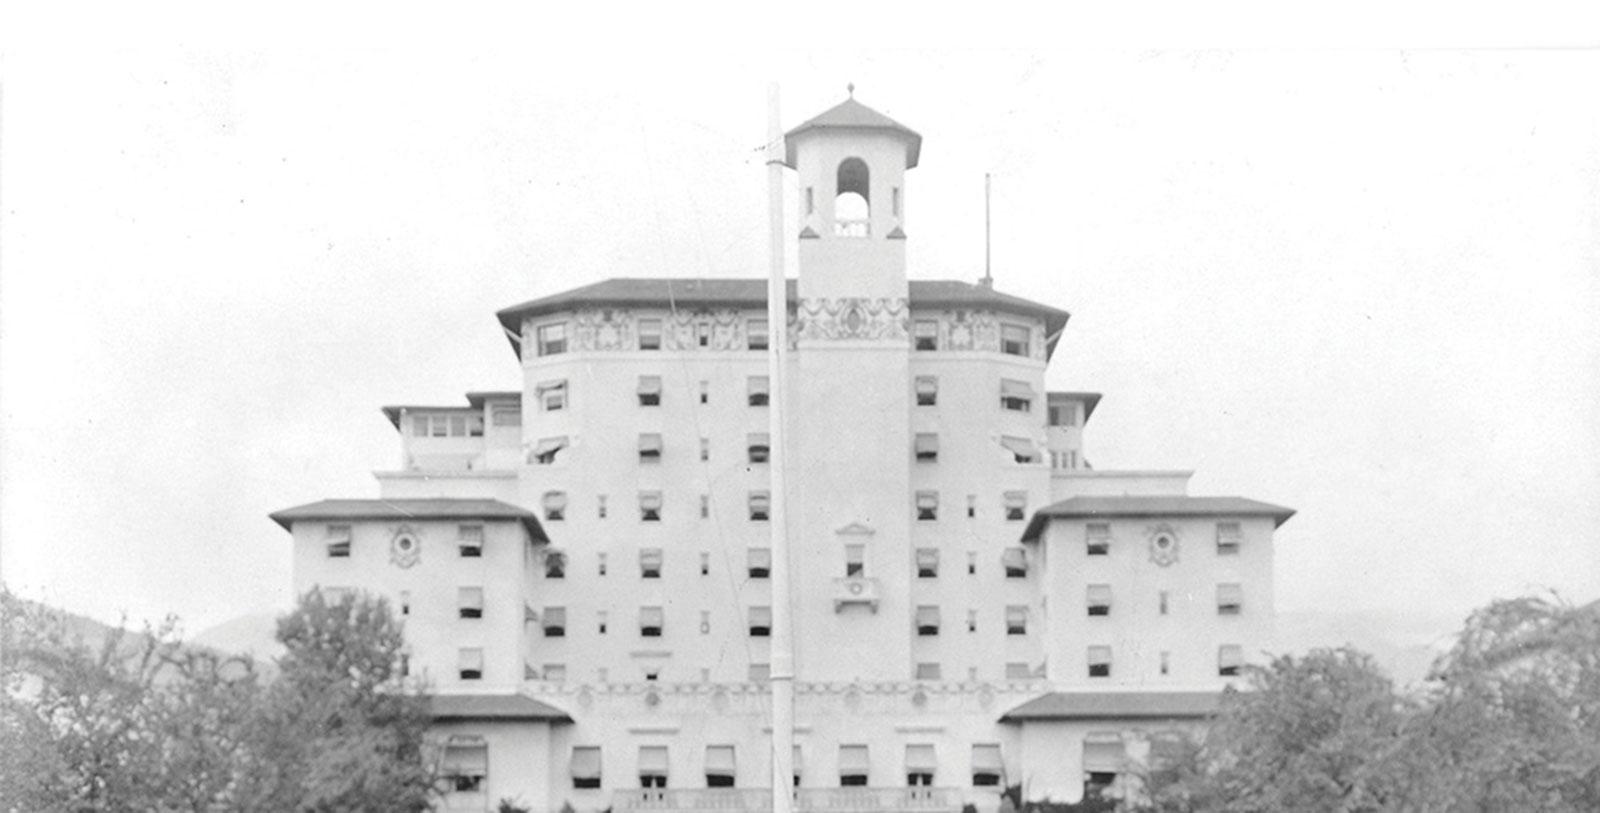 Historic image of the Broadmoor in Colorado Springs, Colorado